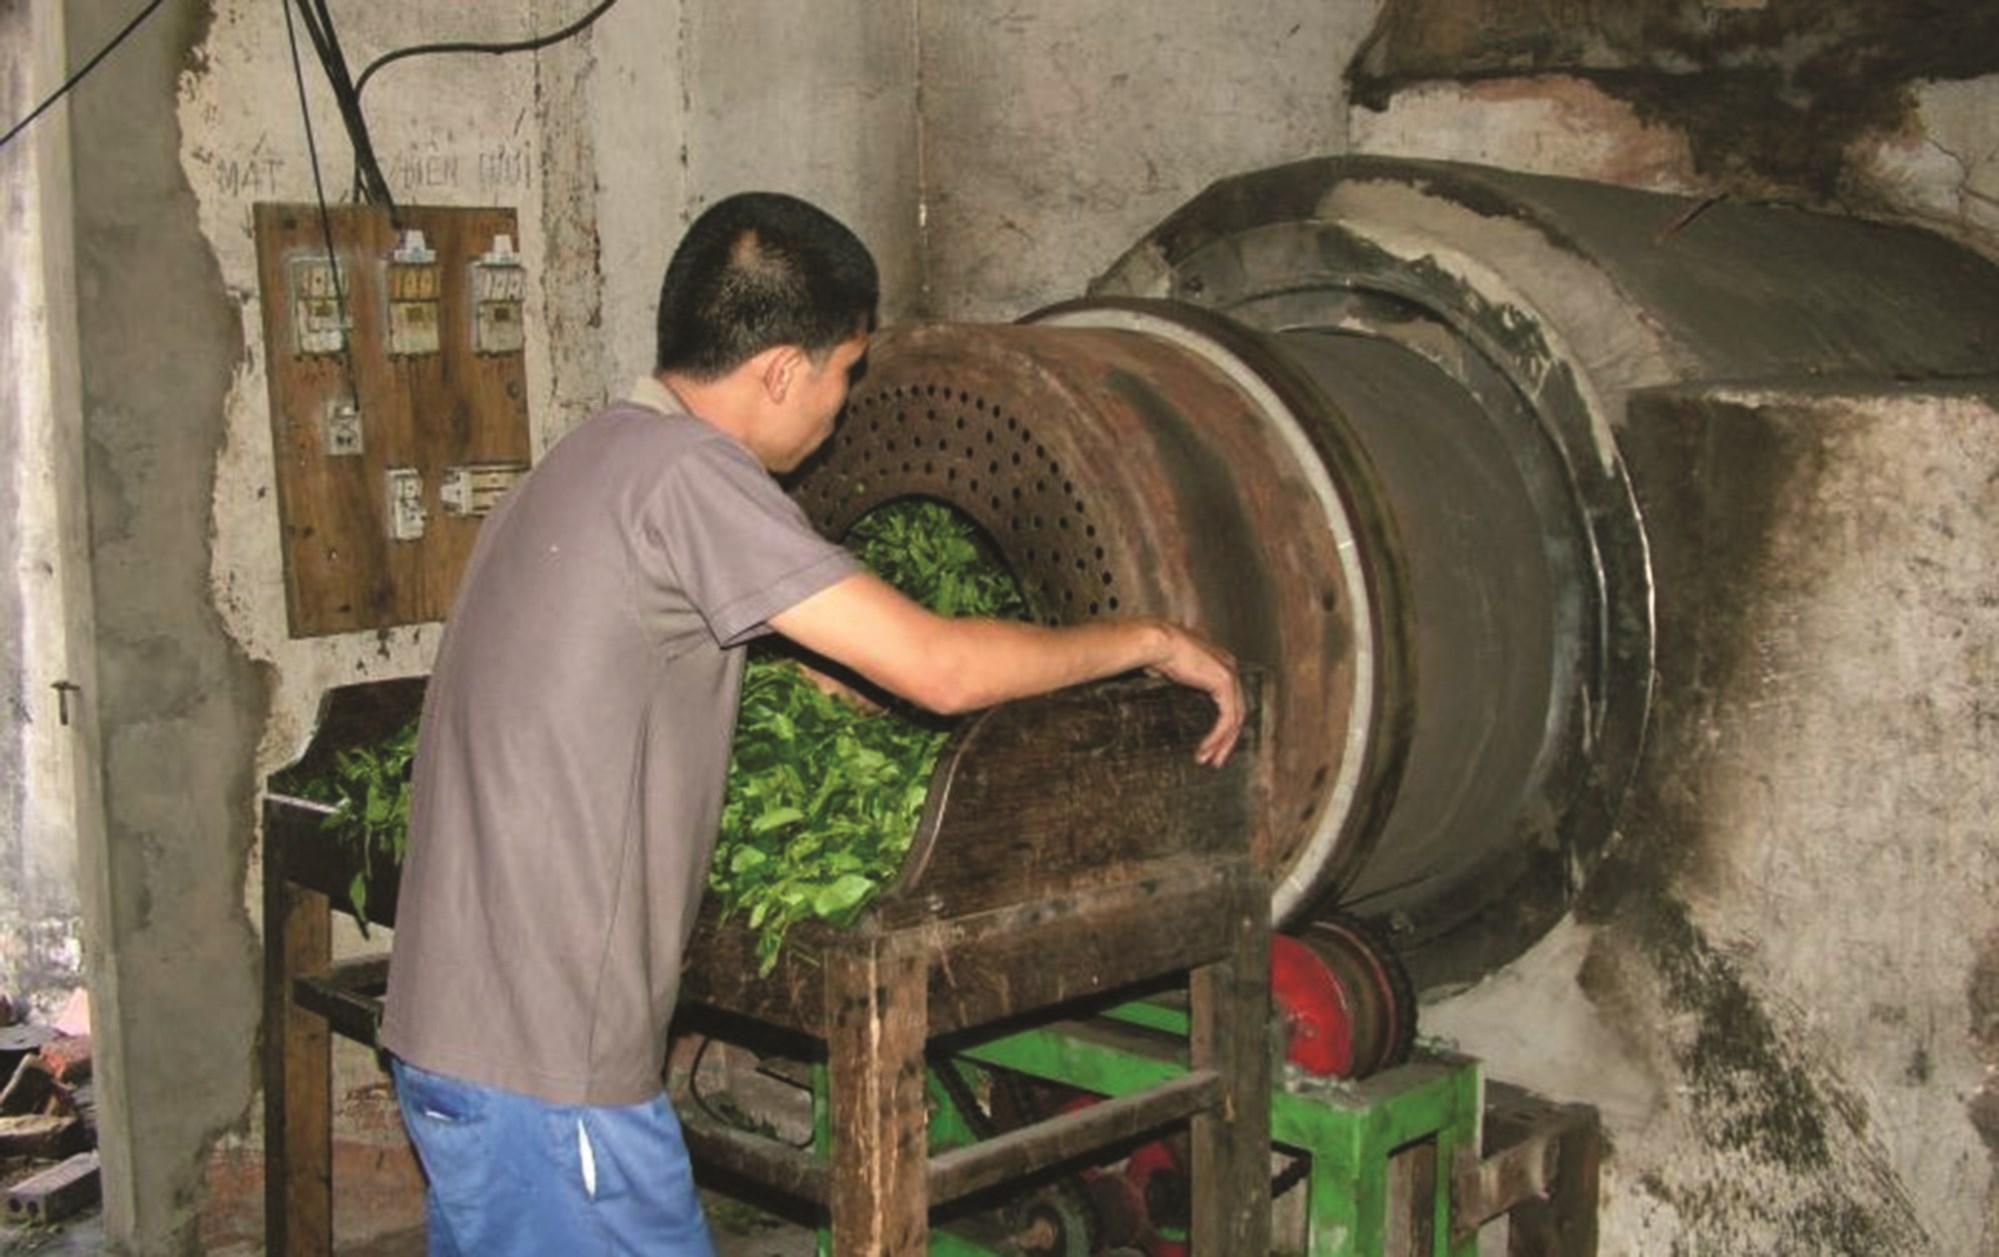 Chế biến, sản xuất chè tại vùng chè Đình Lập vẫn theo lối cũ, chưa có sự đổi mới bắt kịp với thị trường.